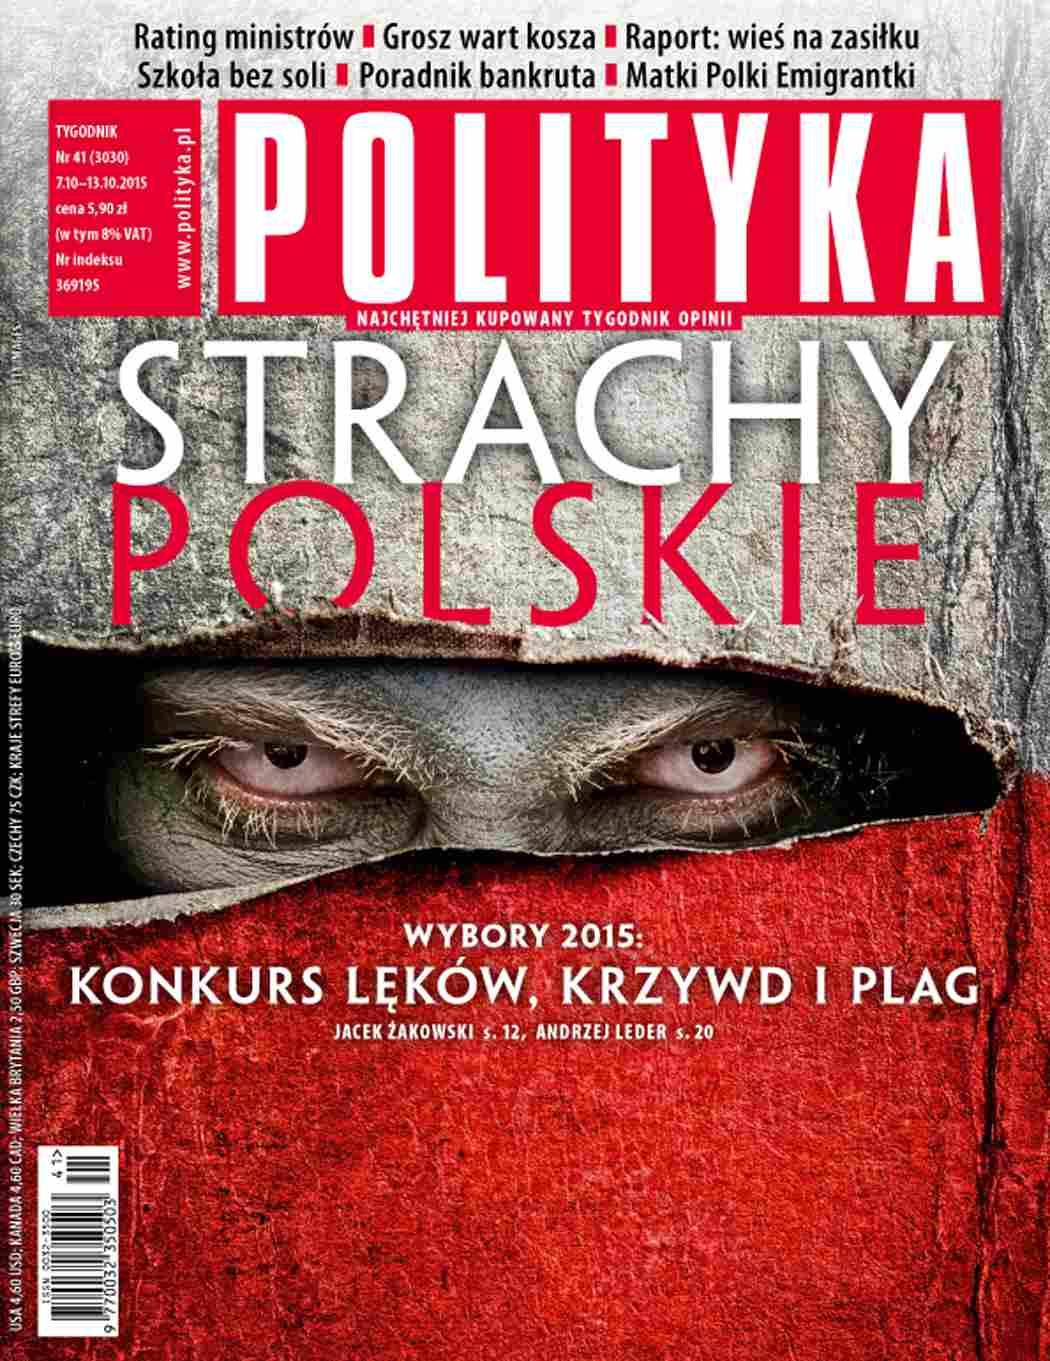 Polityka nr 41/2015 - Ebook (Książka PDF) do pobrania w formacie PDF